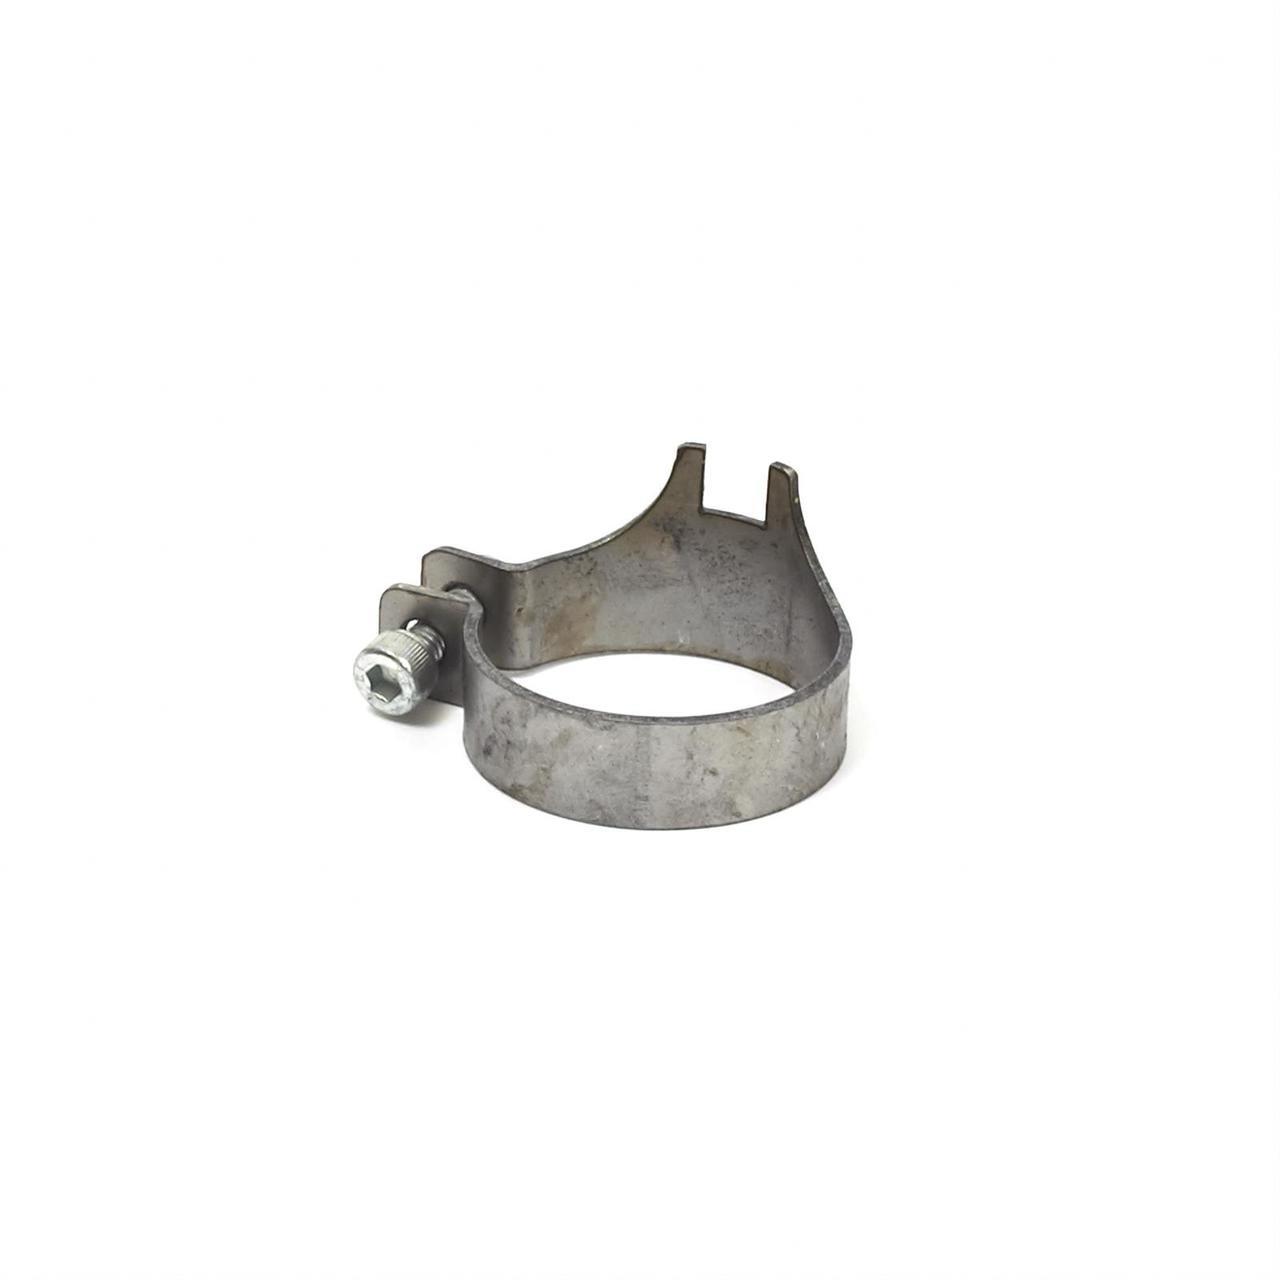 Briggs LO206 Carburetor Locking Cap